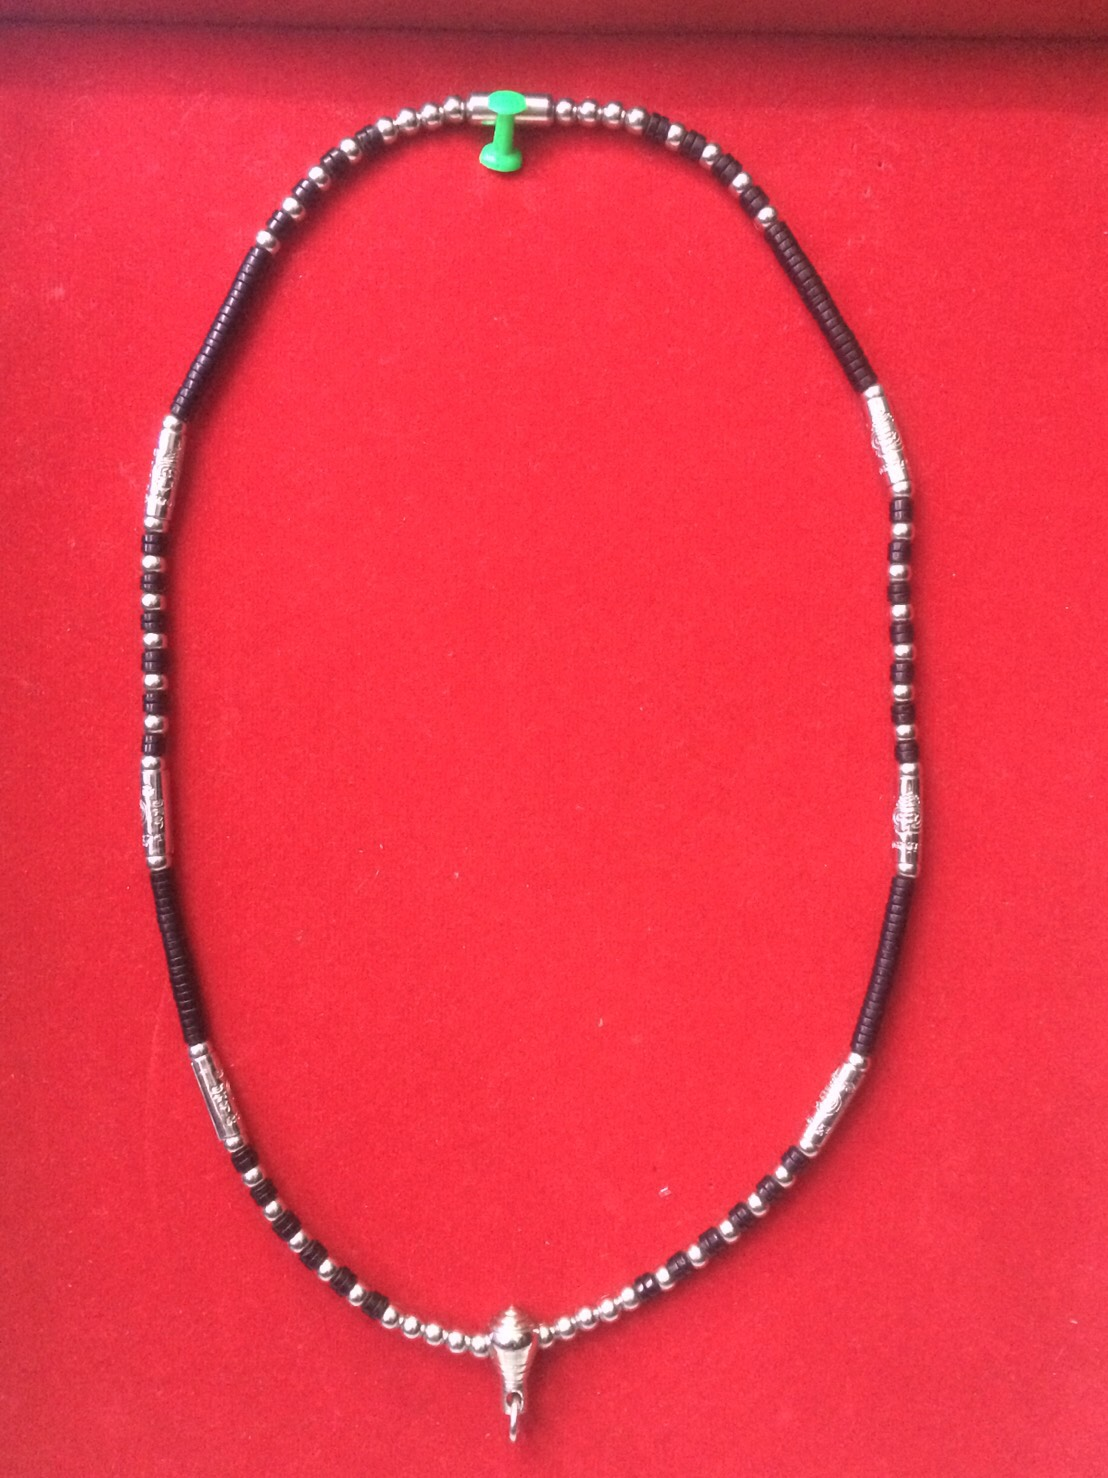 สร้อยกะลา+แสตนเลส ห้อยพระ 1 องค์  ความยาวรอบ 22 นิ้ว stanless+coconut neckless อุปกรณ์